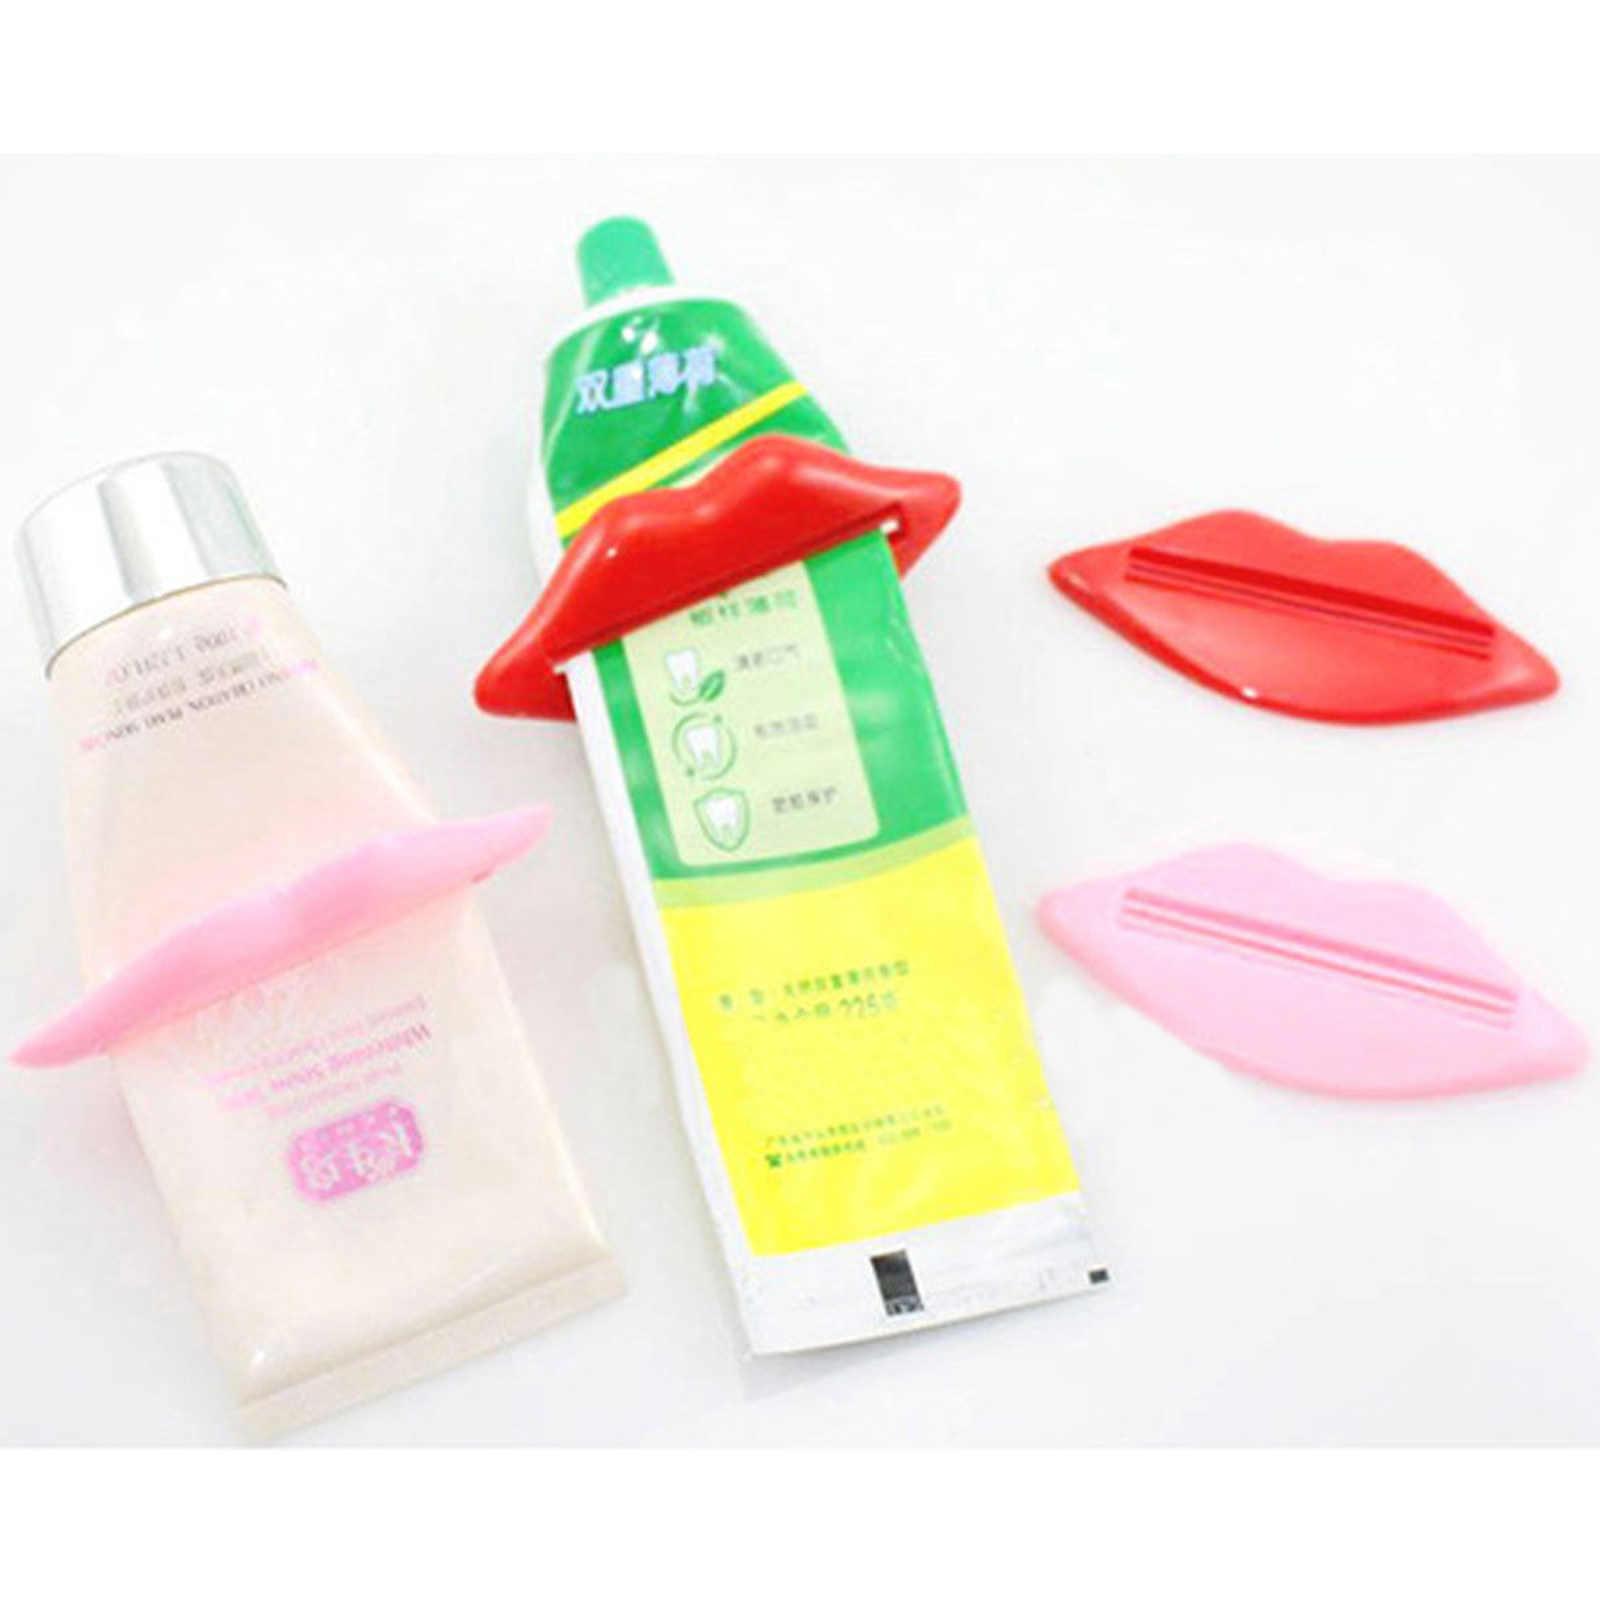 Nowy 2 sztuk zabawy usta z tworzywa sztucznego pasta do zębów dozownik na tubka do wyciskania pasty do zębów łazienka akcesoria akcesoria losowy kolor